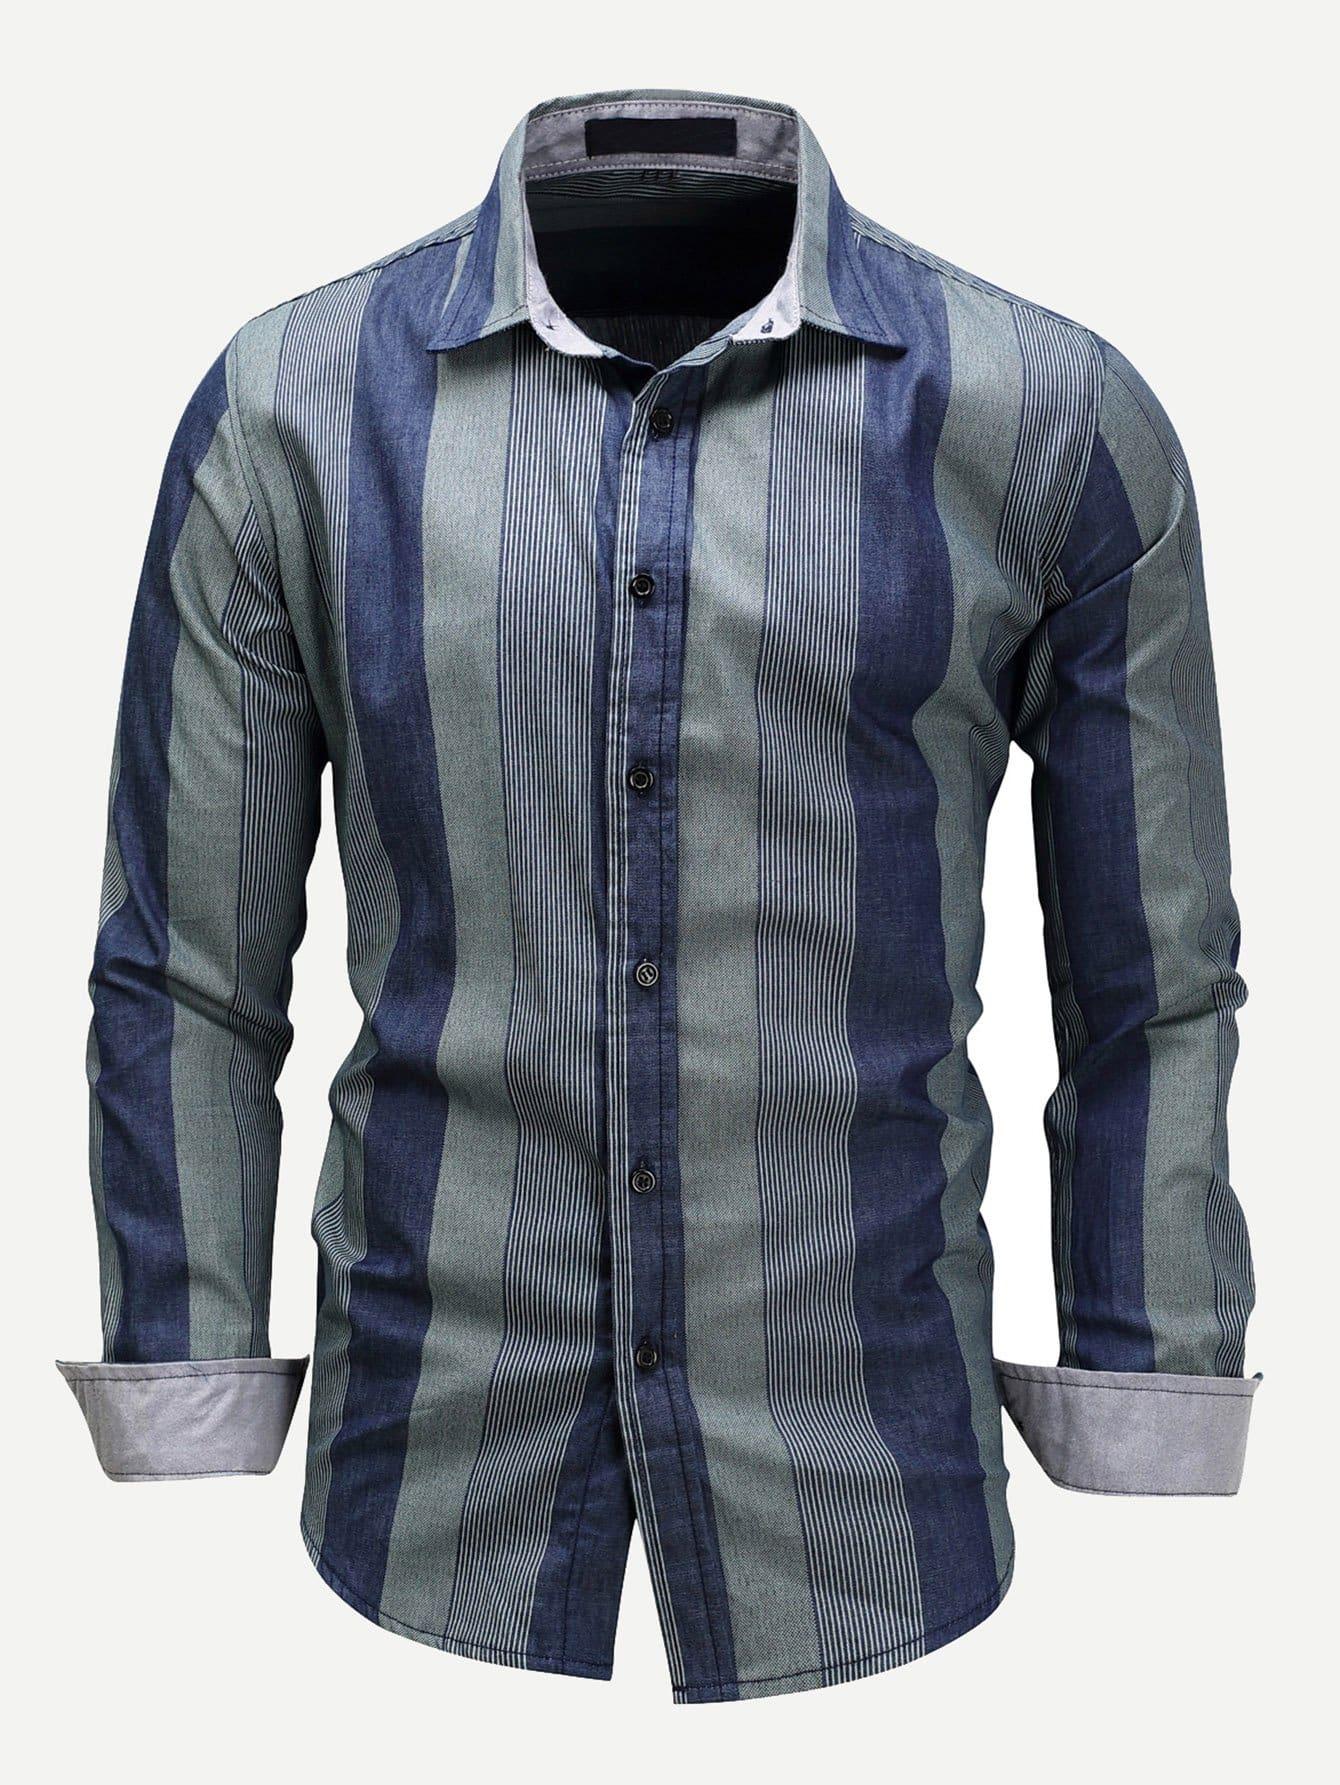 Купить Мужская джинсовая футболка с тонким-полосатым воротником, null, SheIn